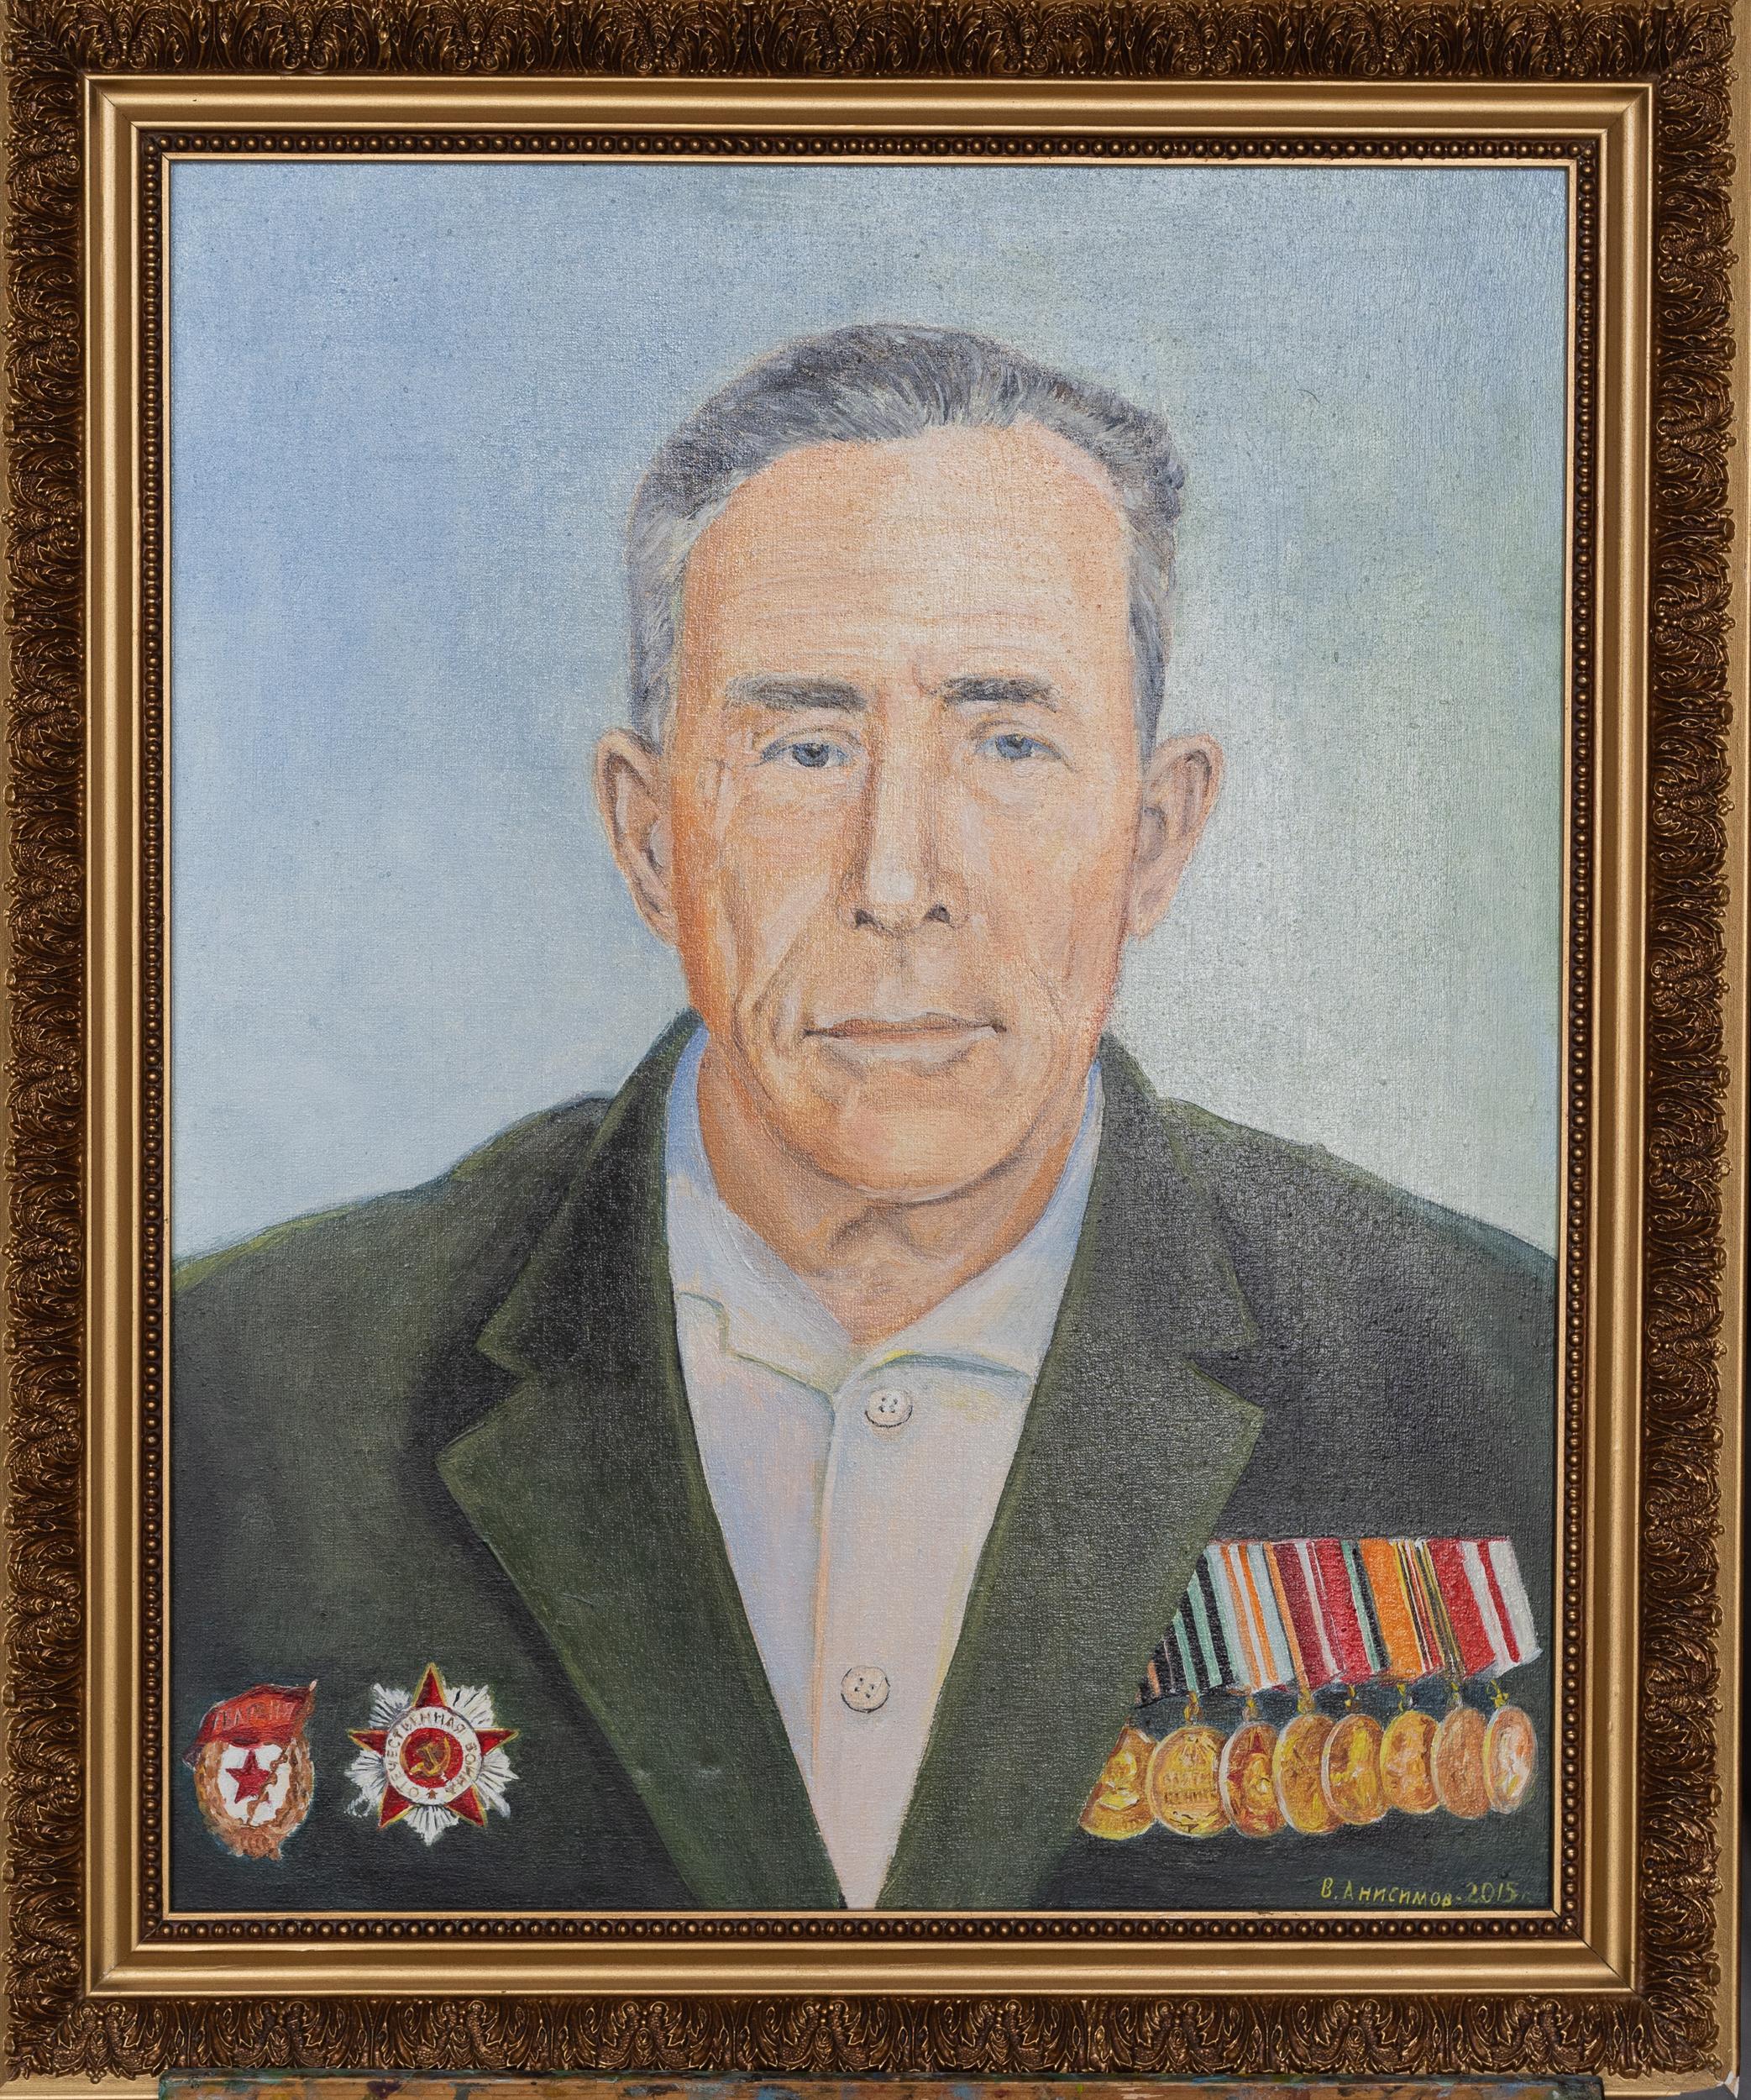 Выставка Анисимова: Портрет отца, ветерана ВОВ